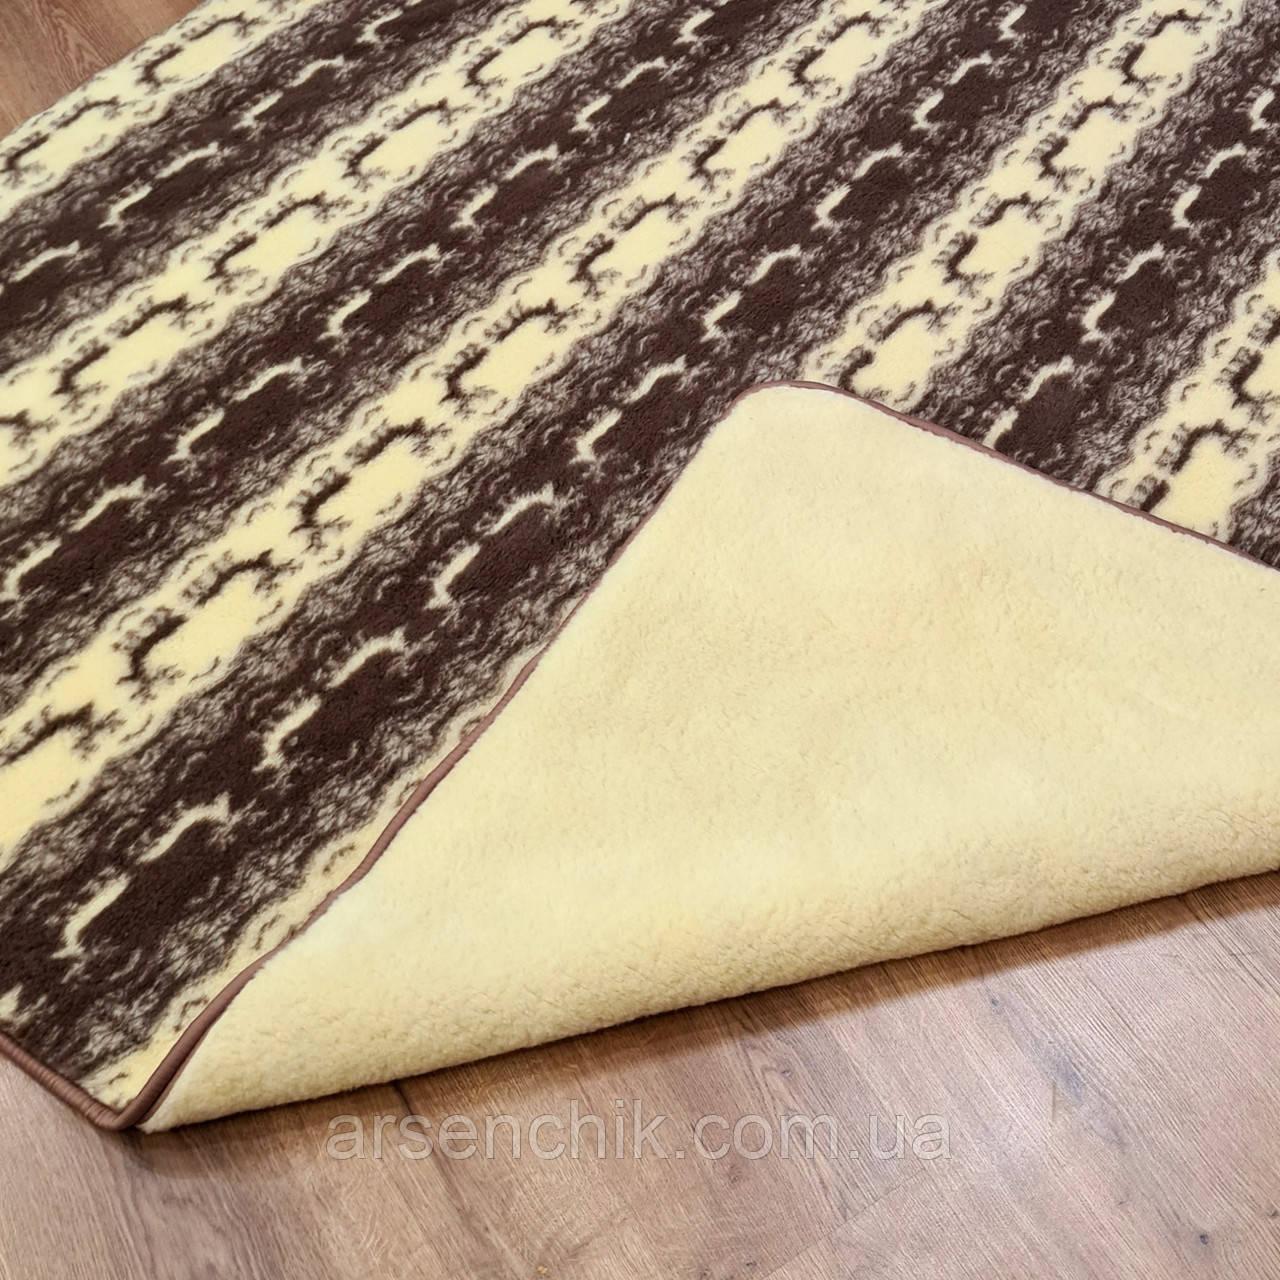 Одеяло двухслойное из овчины полуторное 150х215